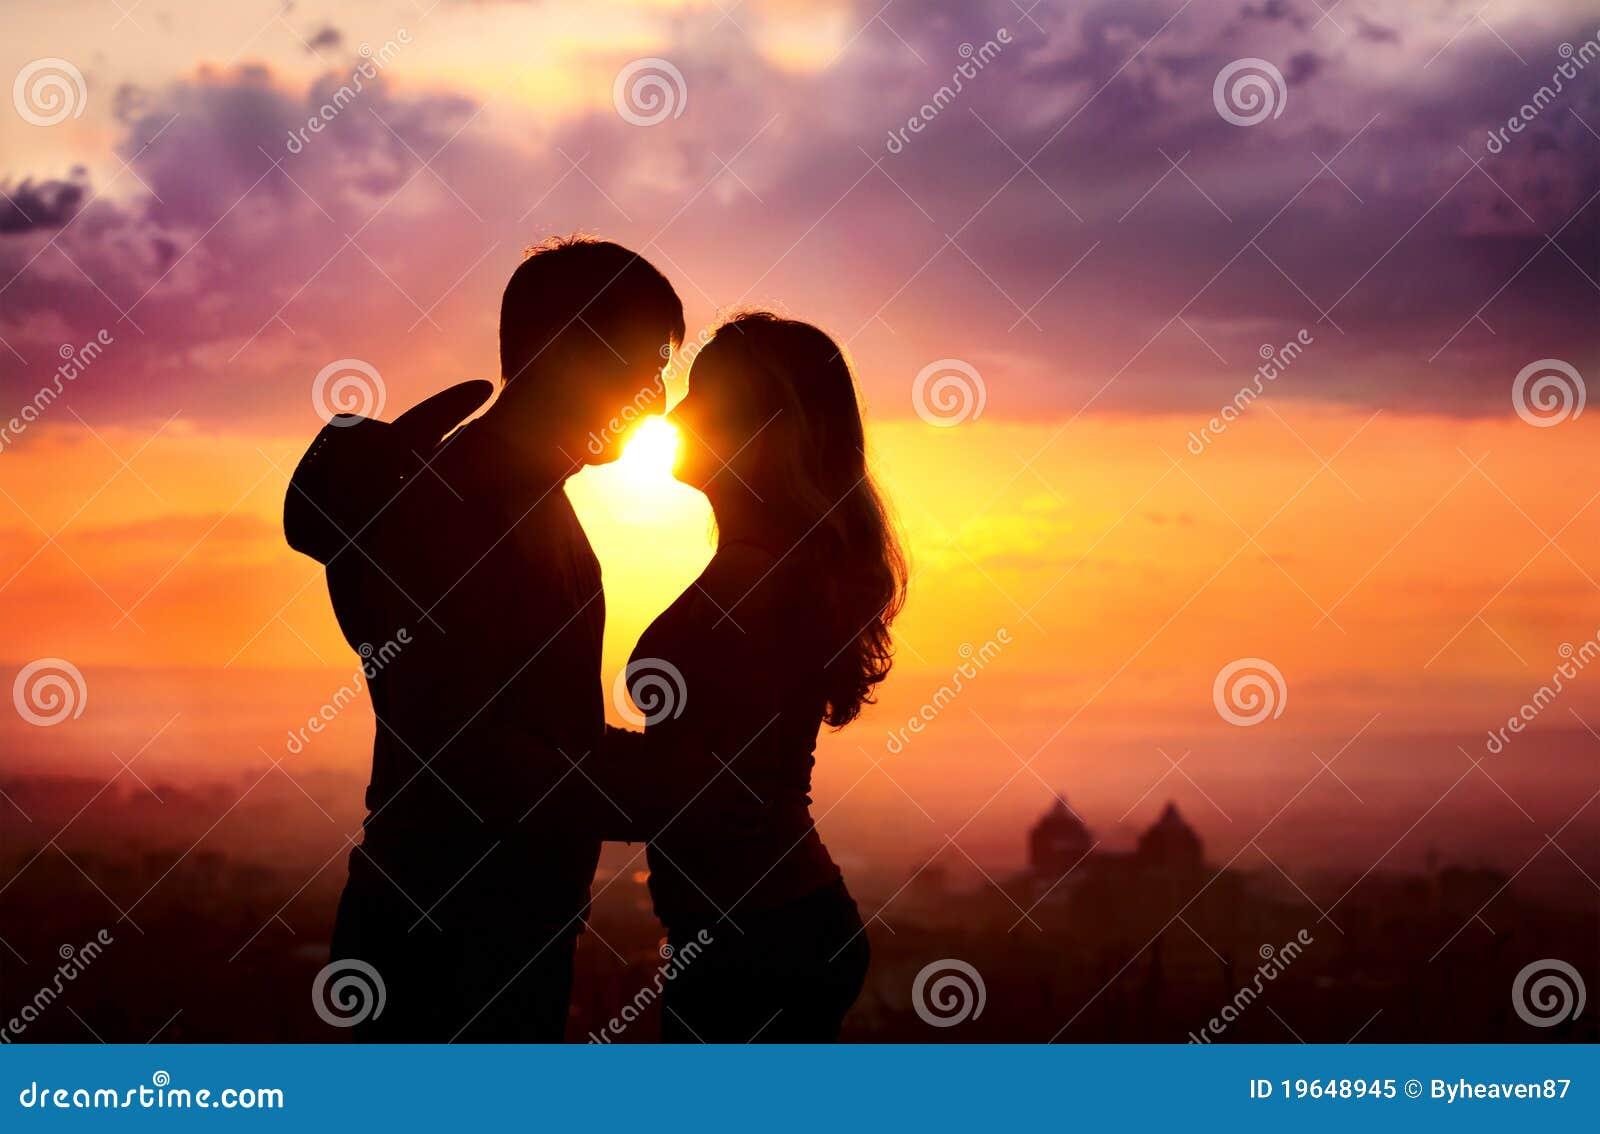 Los pares siluetean en la puesta del sol